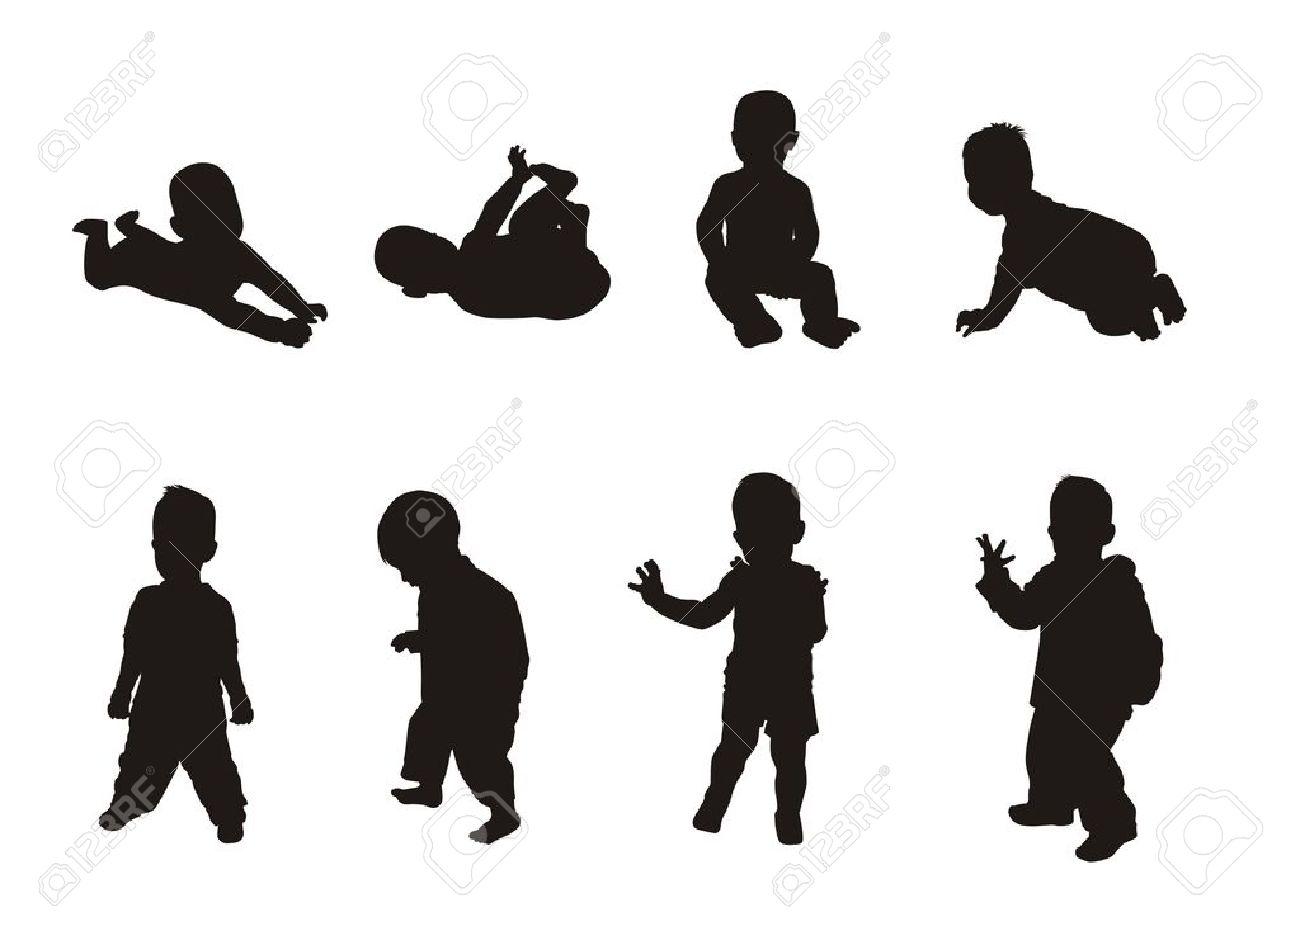 Clipart Silhouette Body Child.